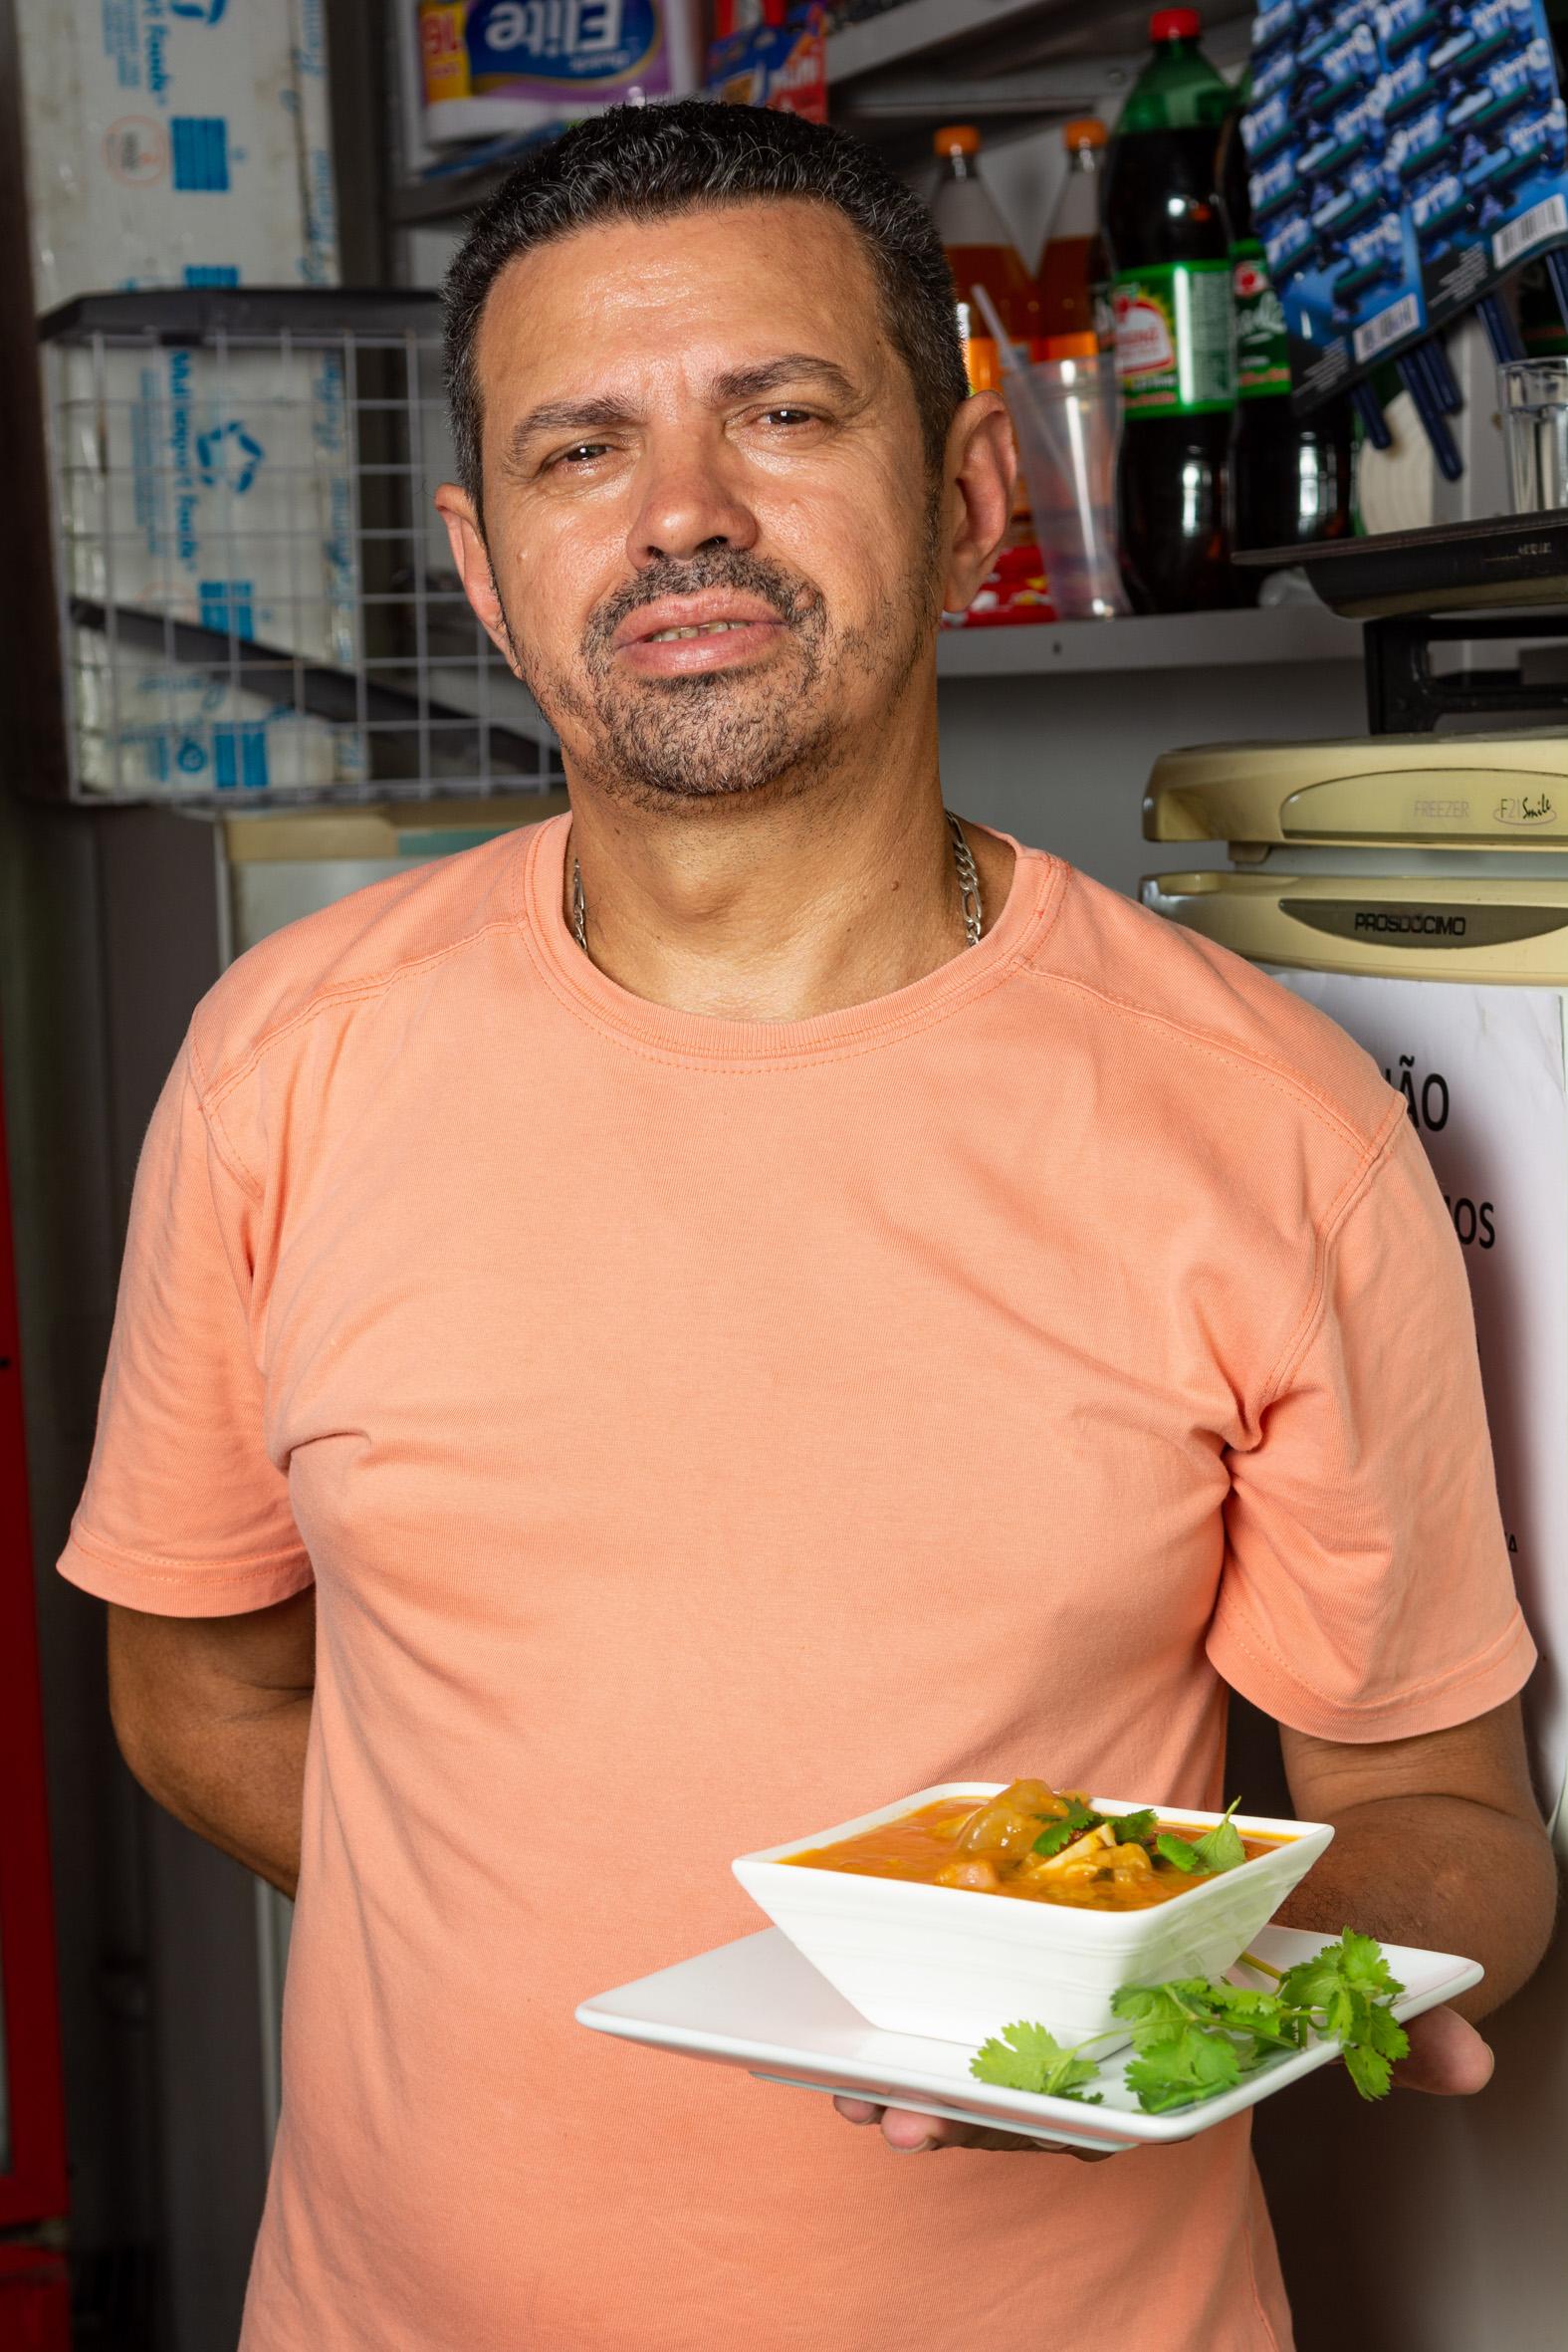 Foto: Lipe Borges/ Circuito Gastronômico de Favelas